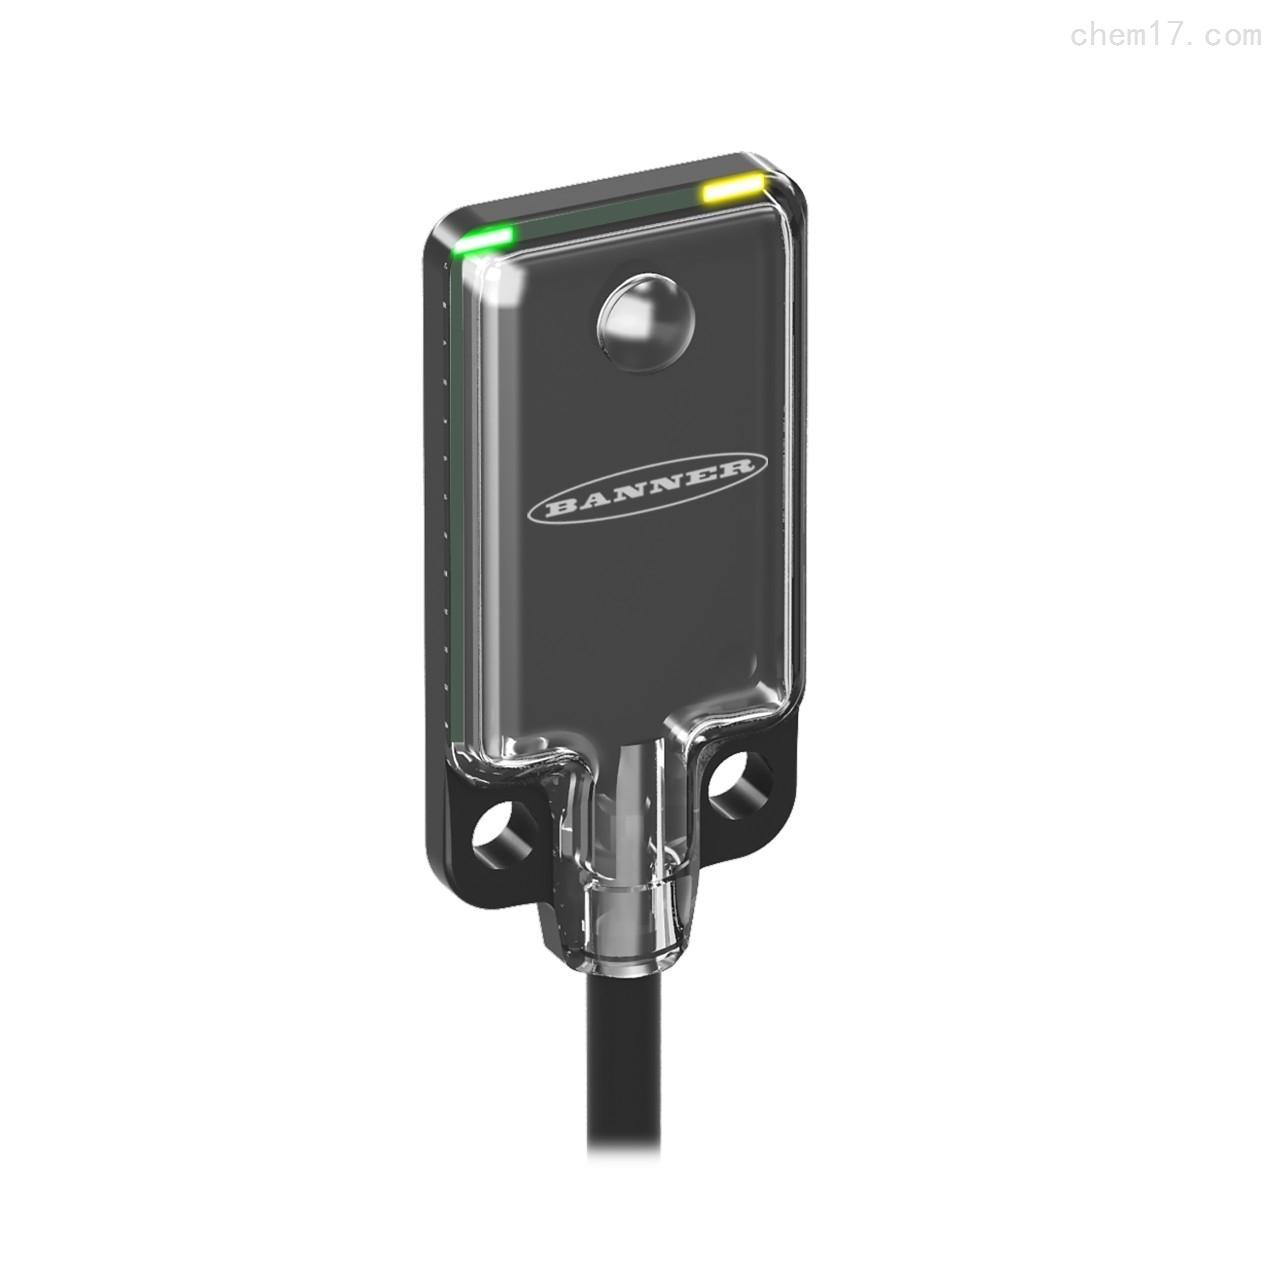 美国邦纳BANNER超薄微型传感器